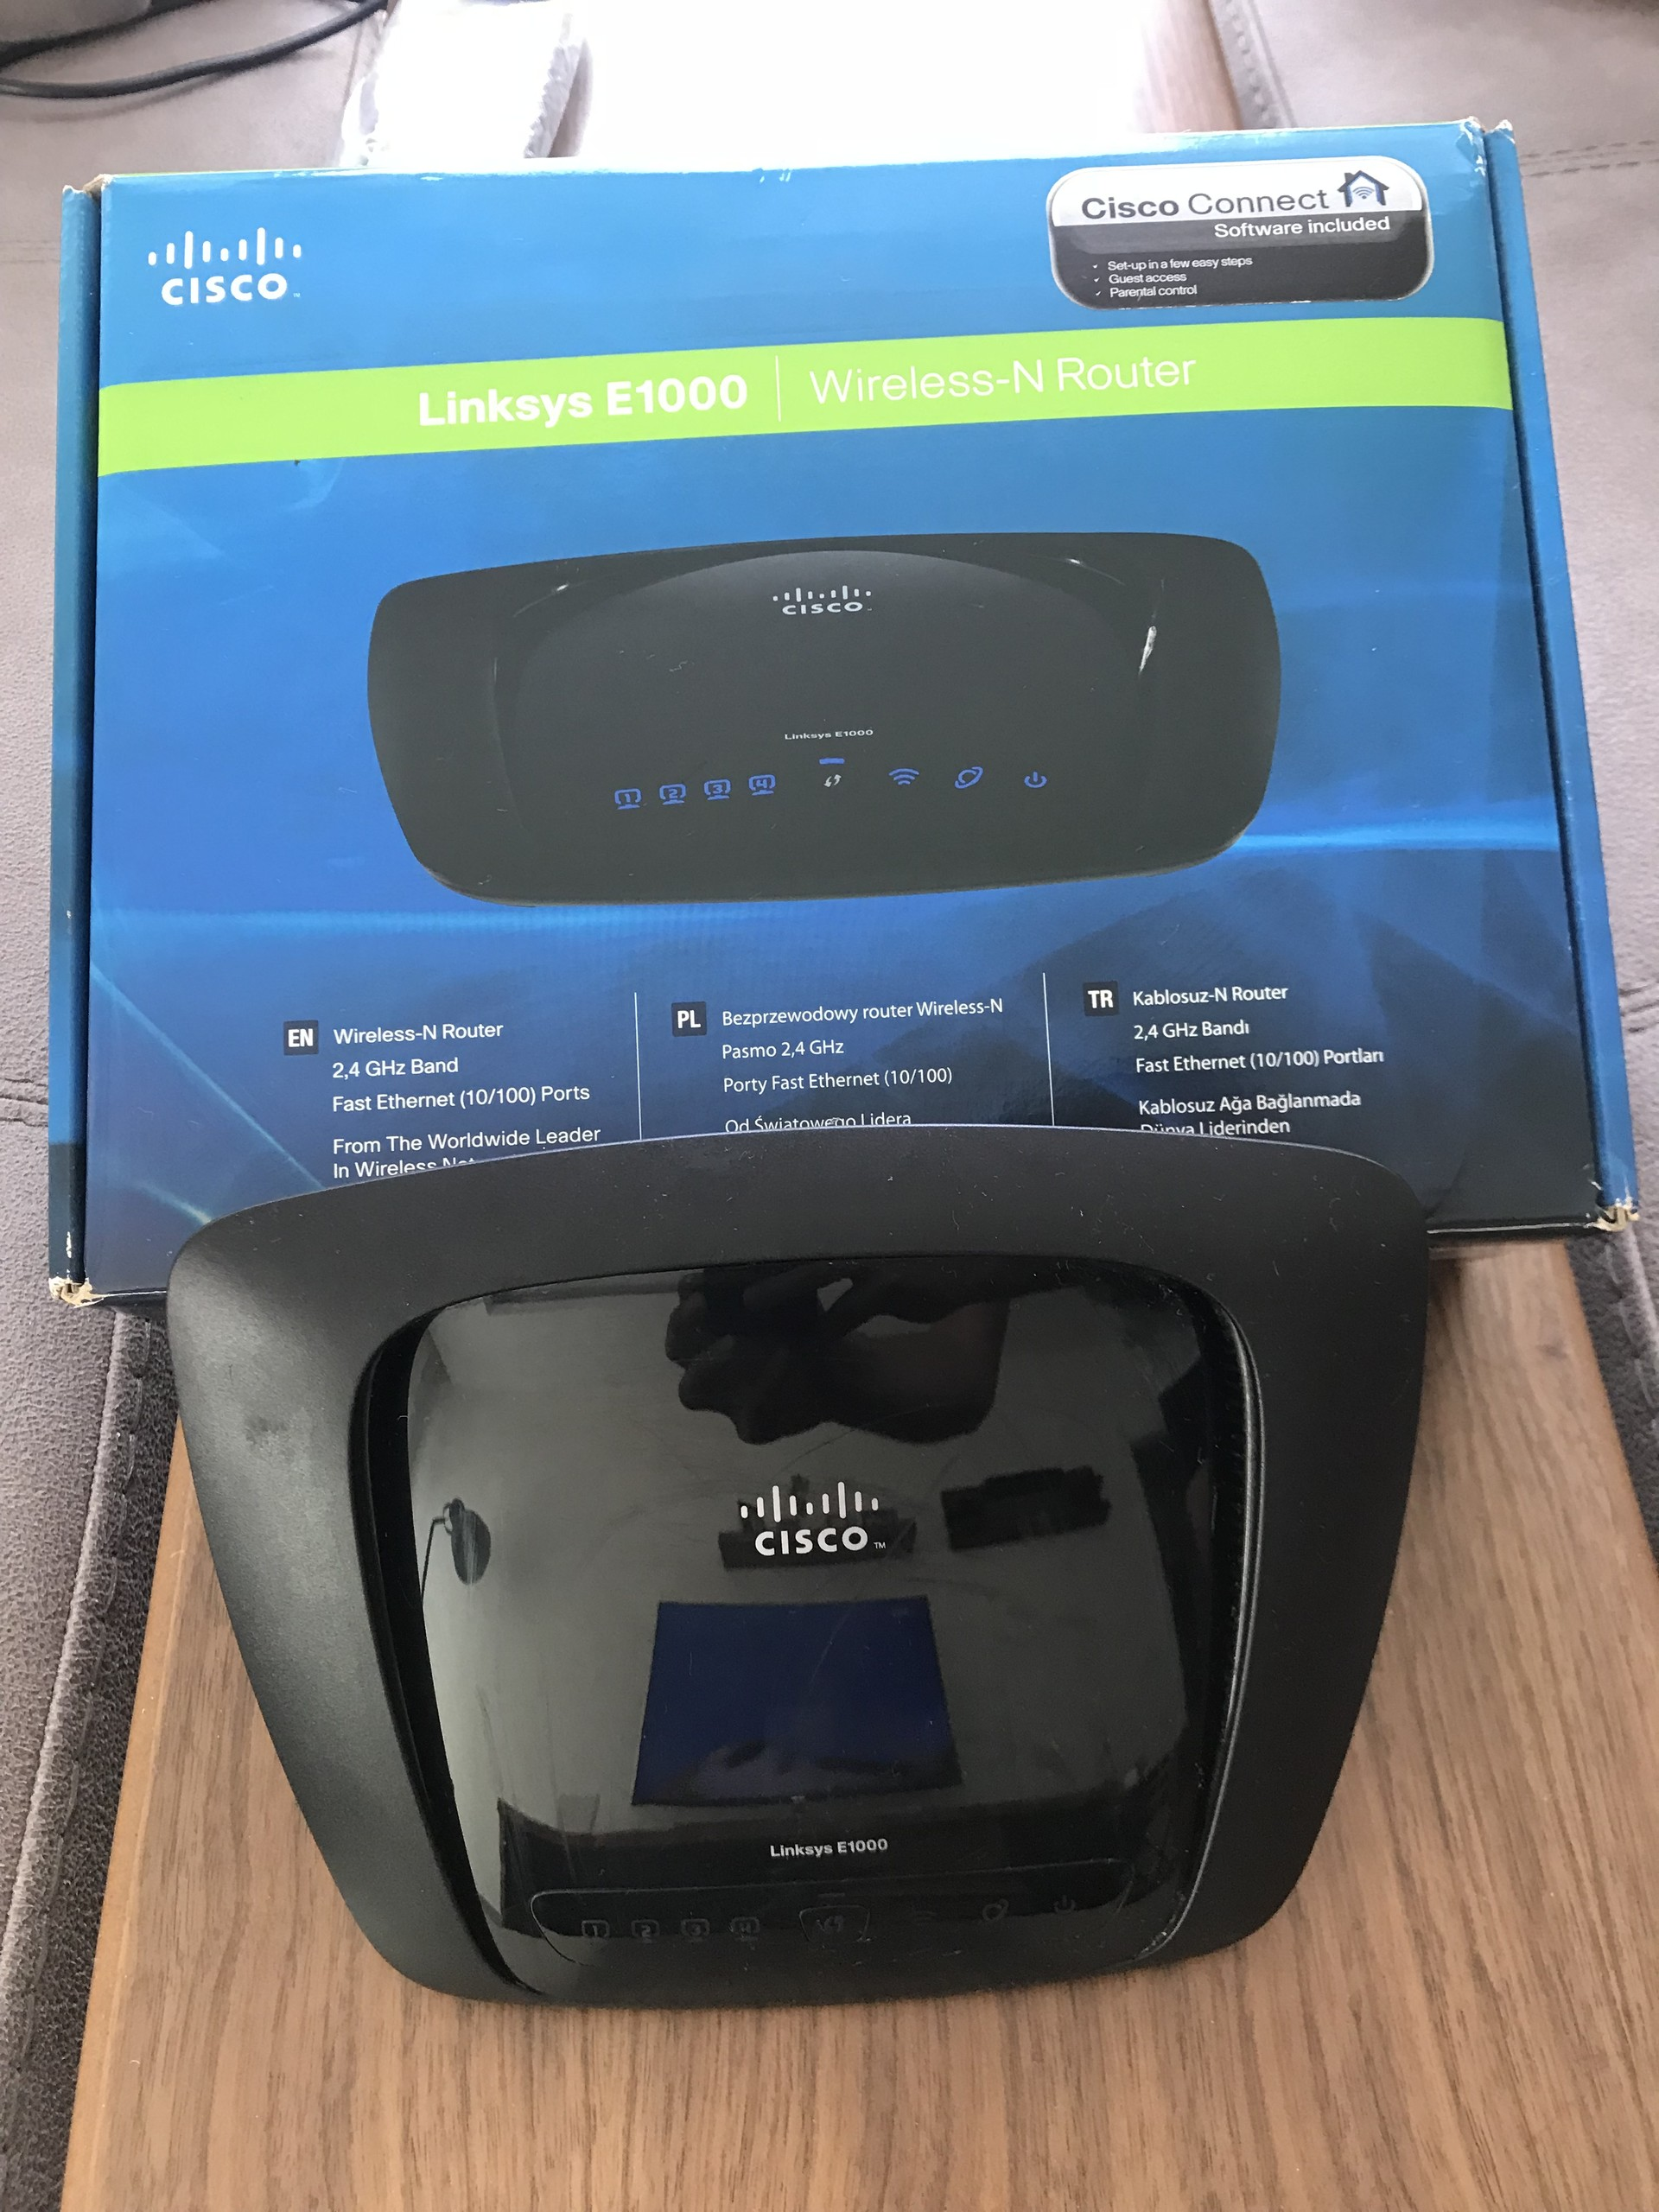 Satilik Linksys E1000 N Router Sayfa 1 Cisco Wireless Sorunsuzdur Kutusunda Duruyor Uzun Zamandr Kullanlmyor